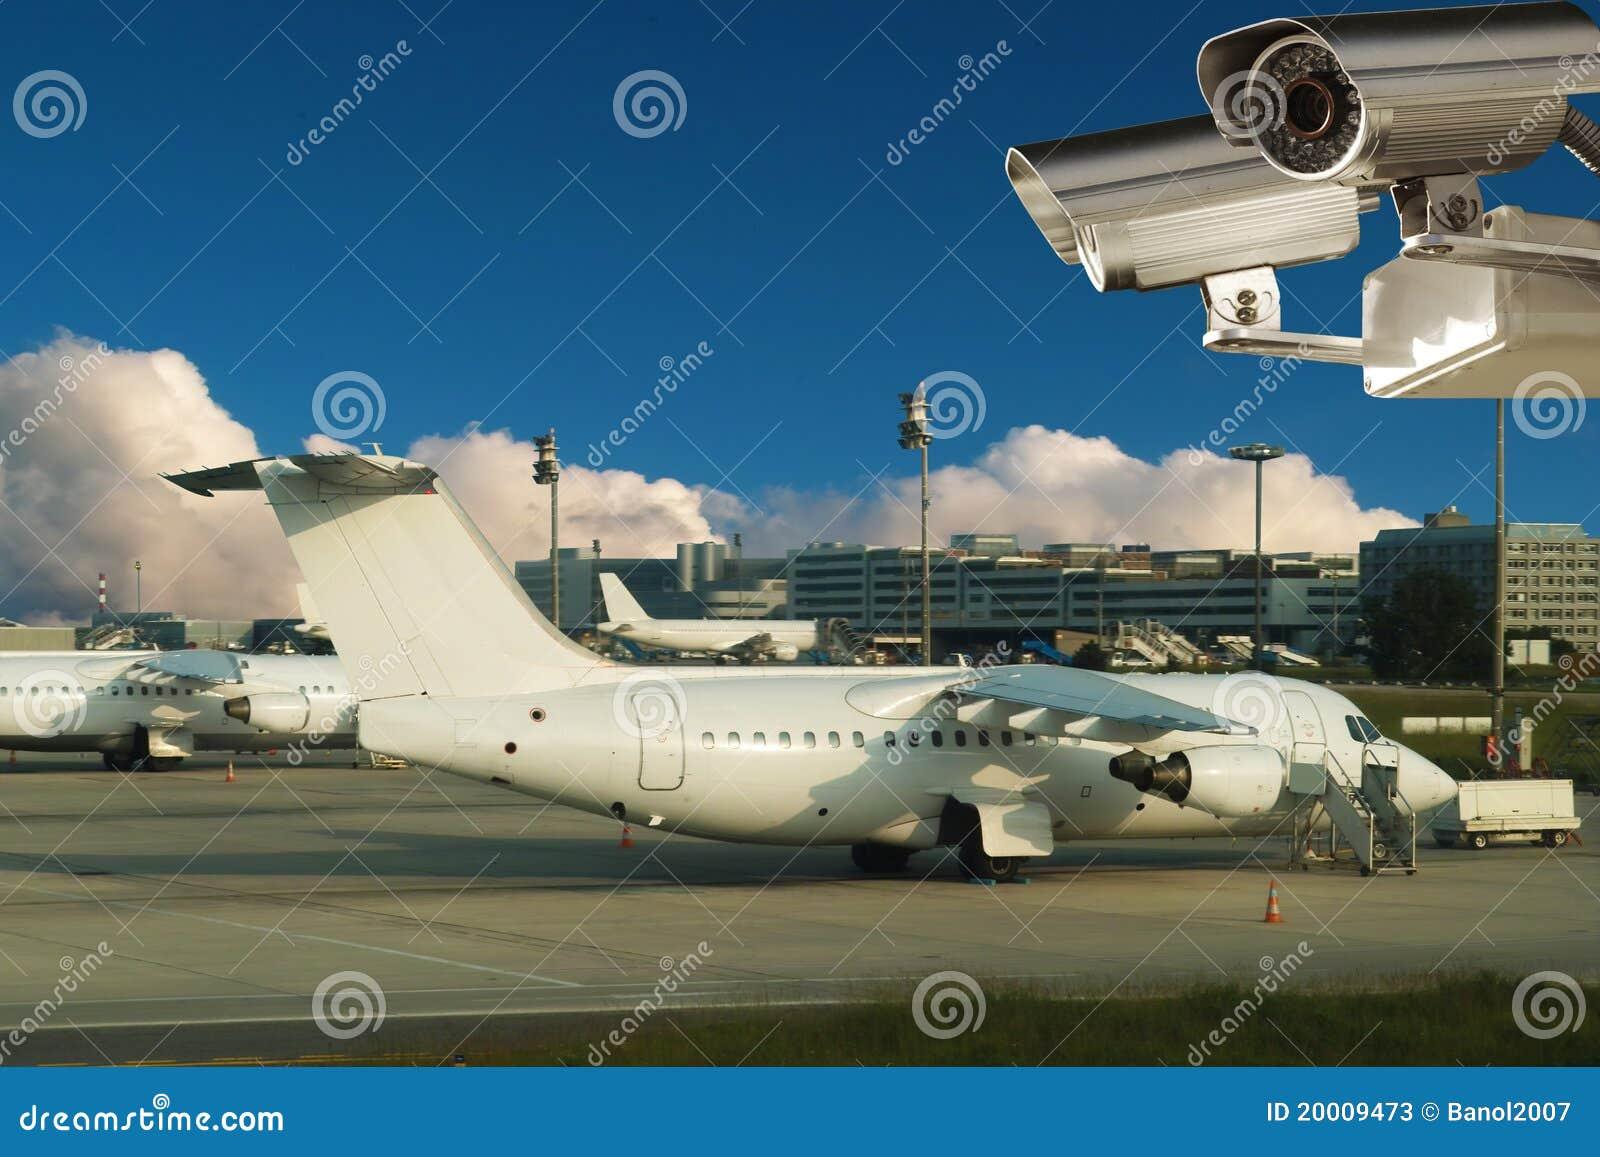 Videocamera di sorveglianza, aeroplani, aeroporto.